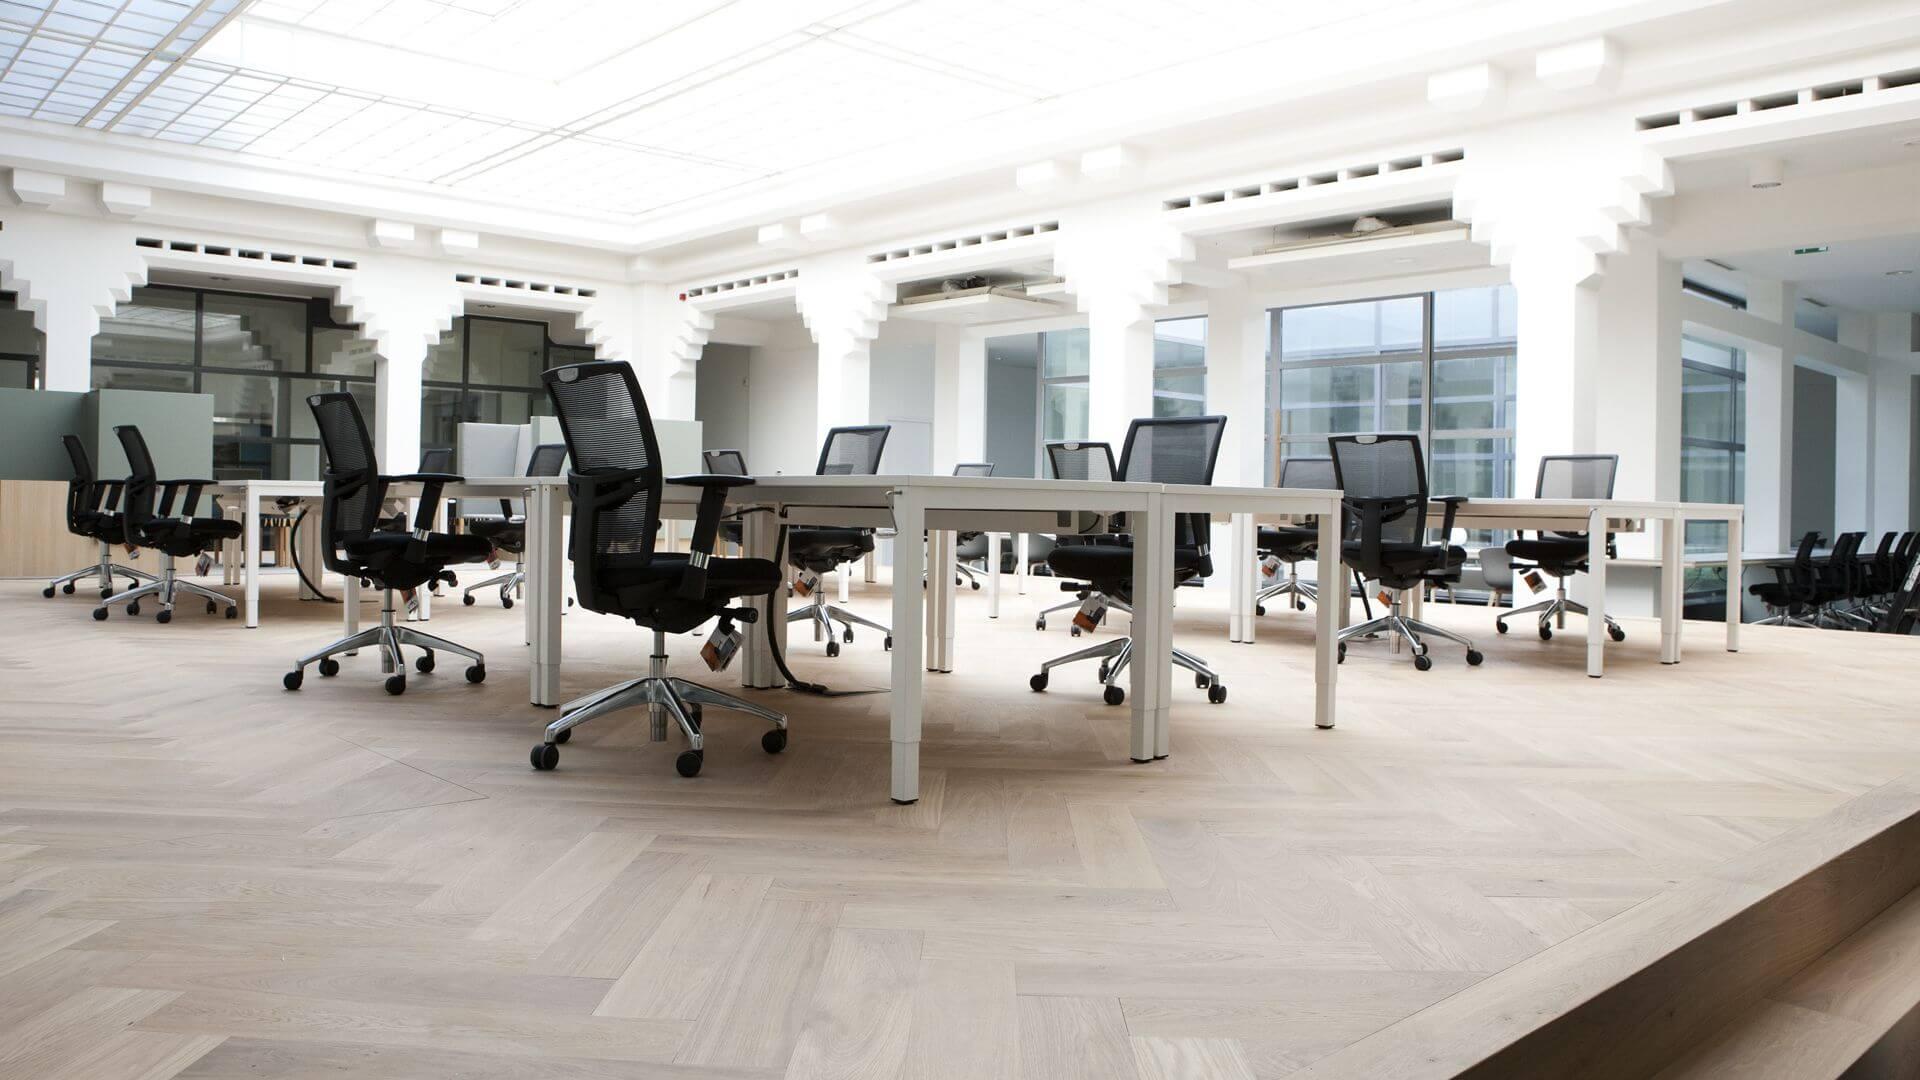 Herringbone office floor Berlage Huis The Hague